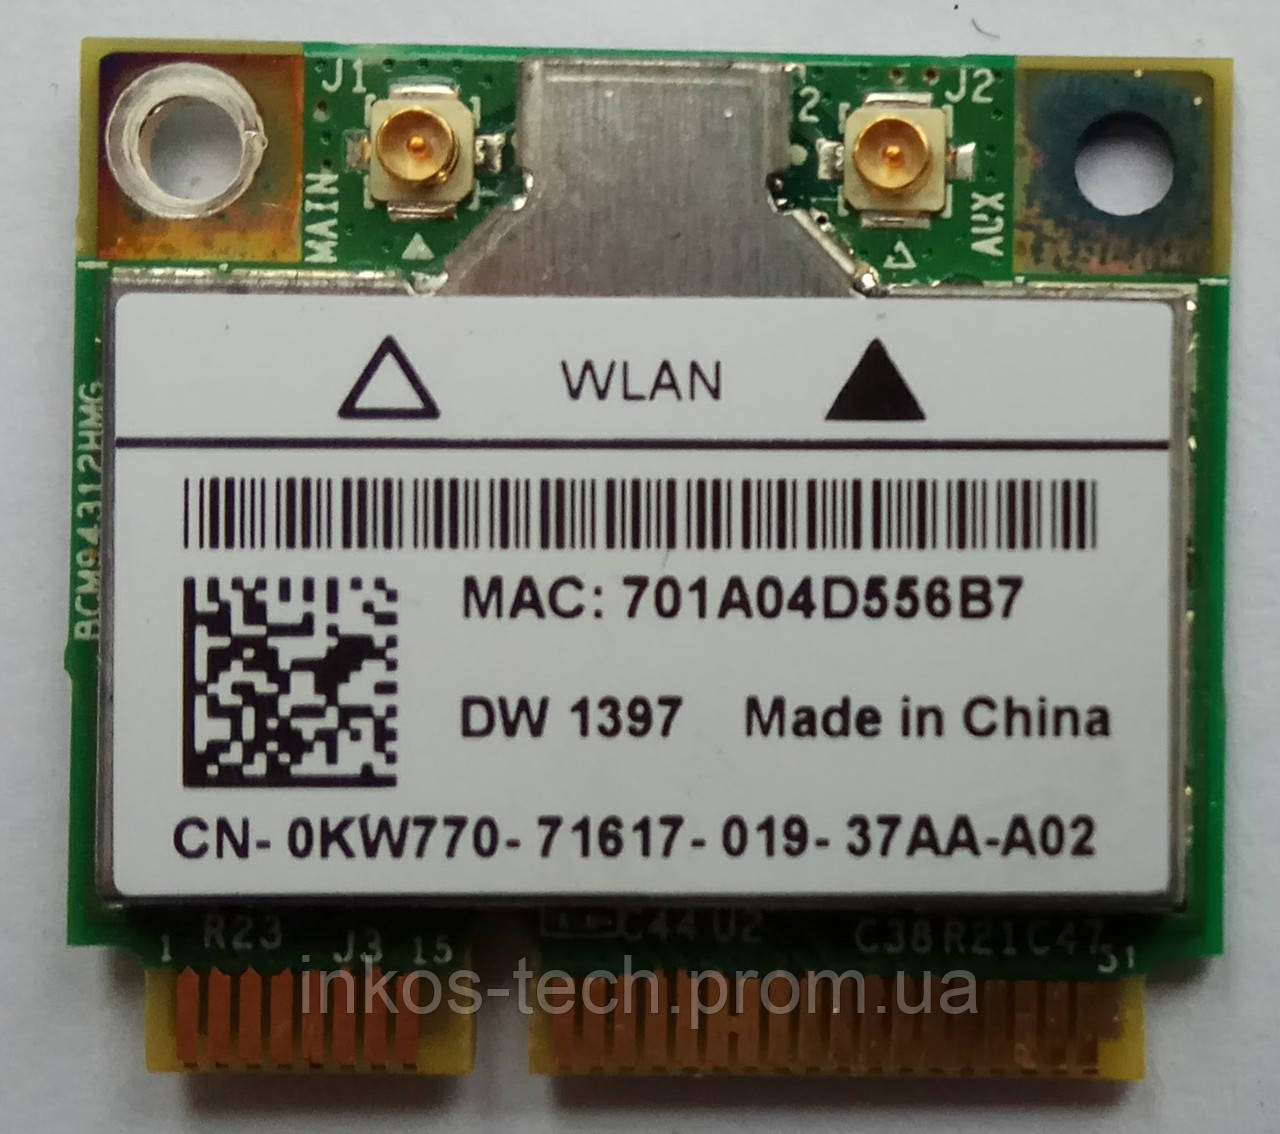 BROADCOM DELL 1397 WINDOWS 8.1 DRIVER DOWNLOAD